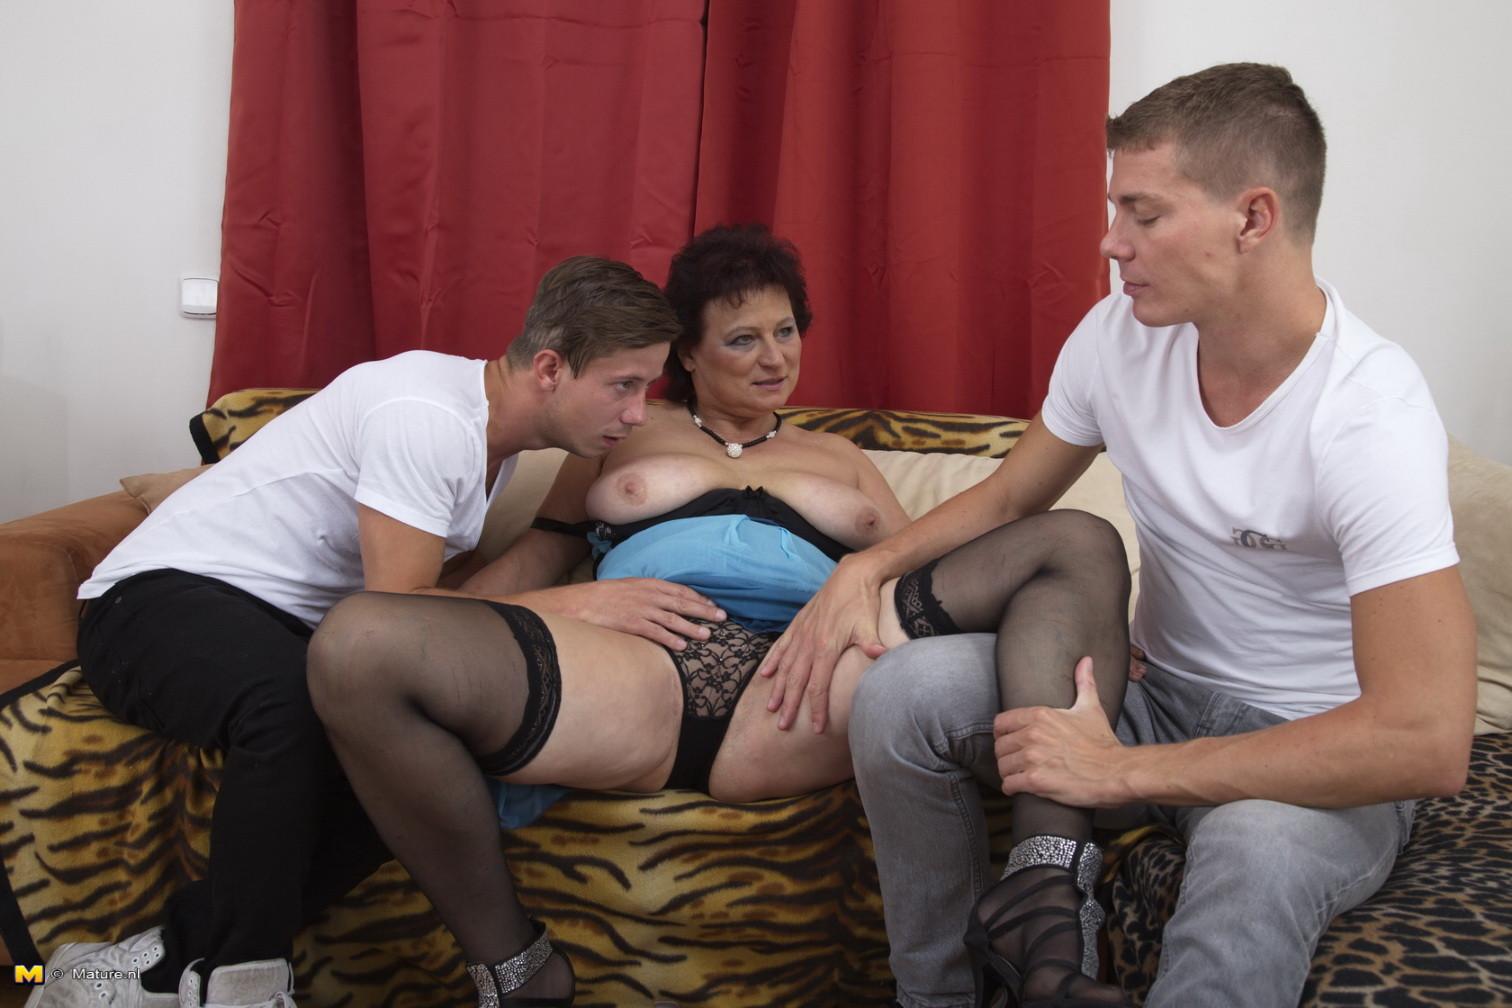 Два молодых парня оказываются в компании зрелой женщины, которая разрешает трогать себя везде